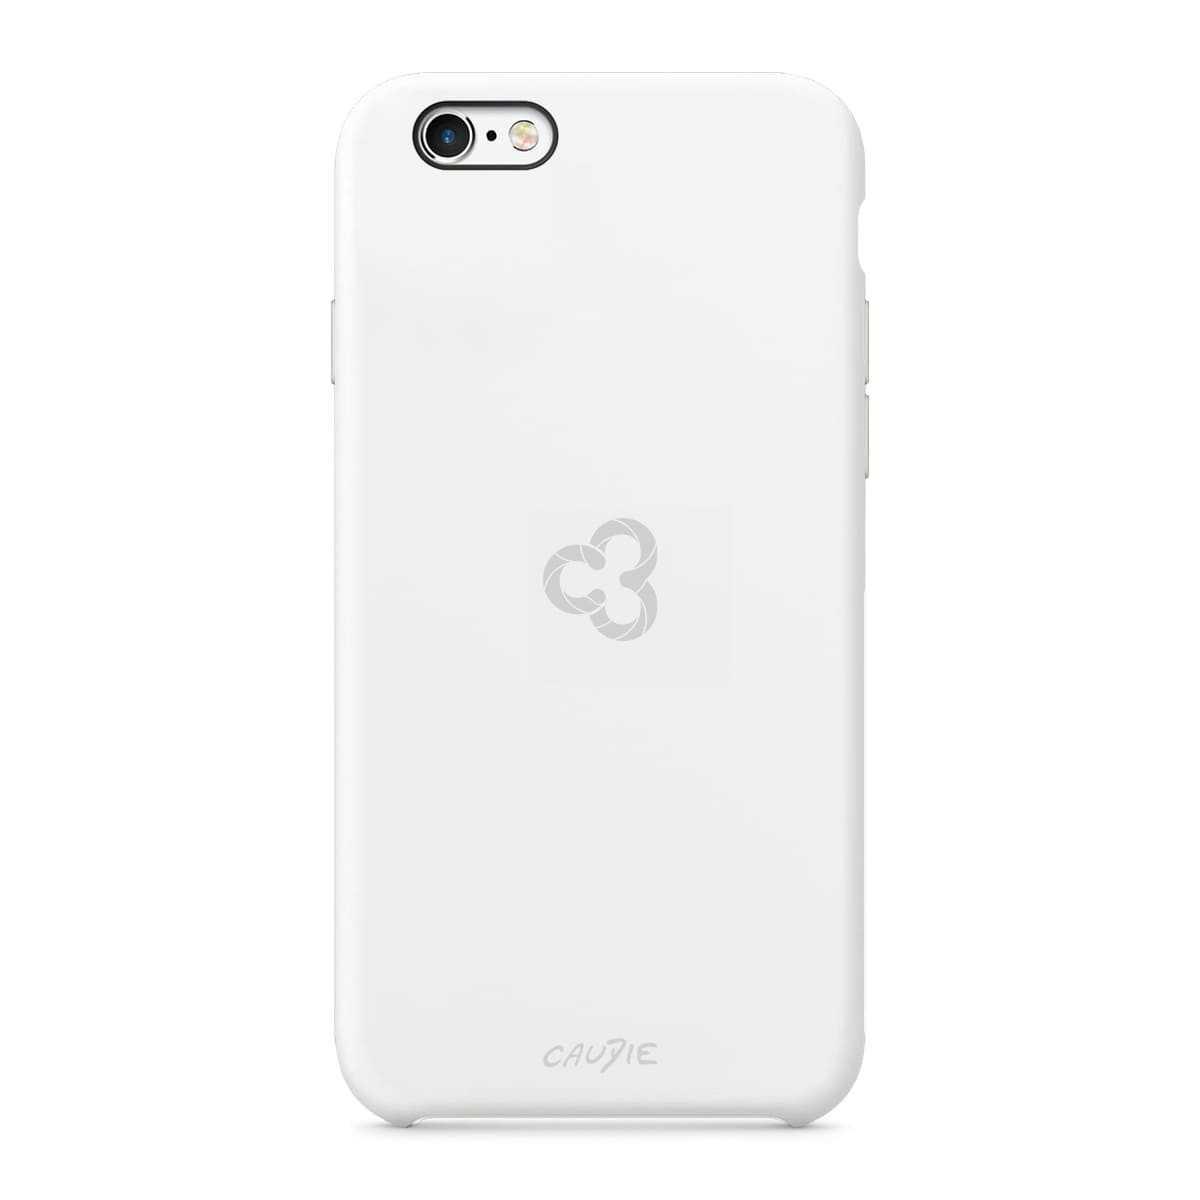 LOGO CAUDIE - Case iPhone 6 & 6S - Caudie